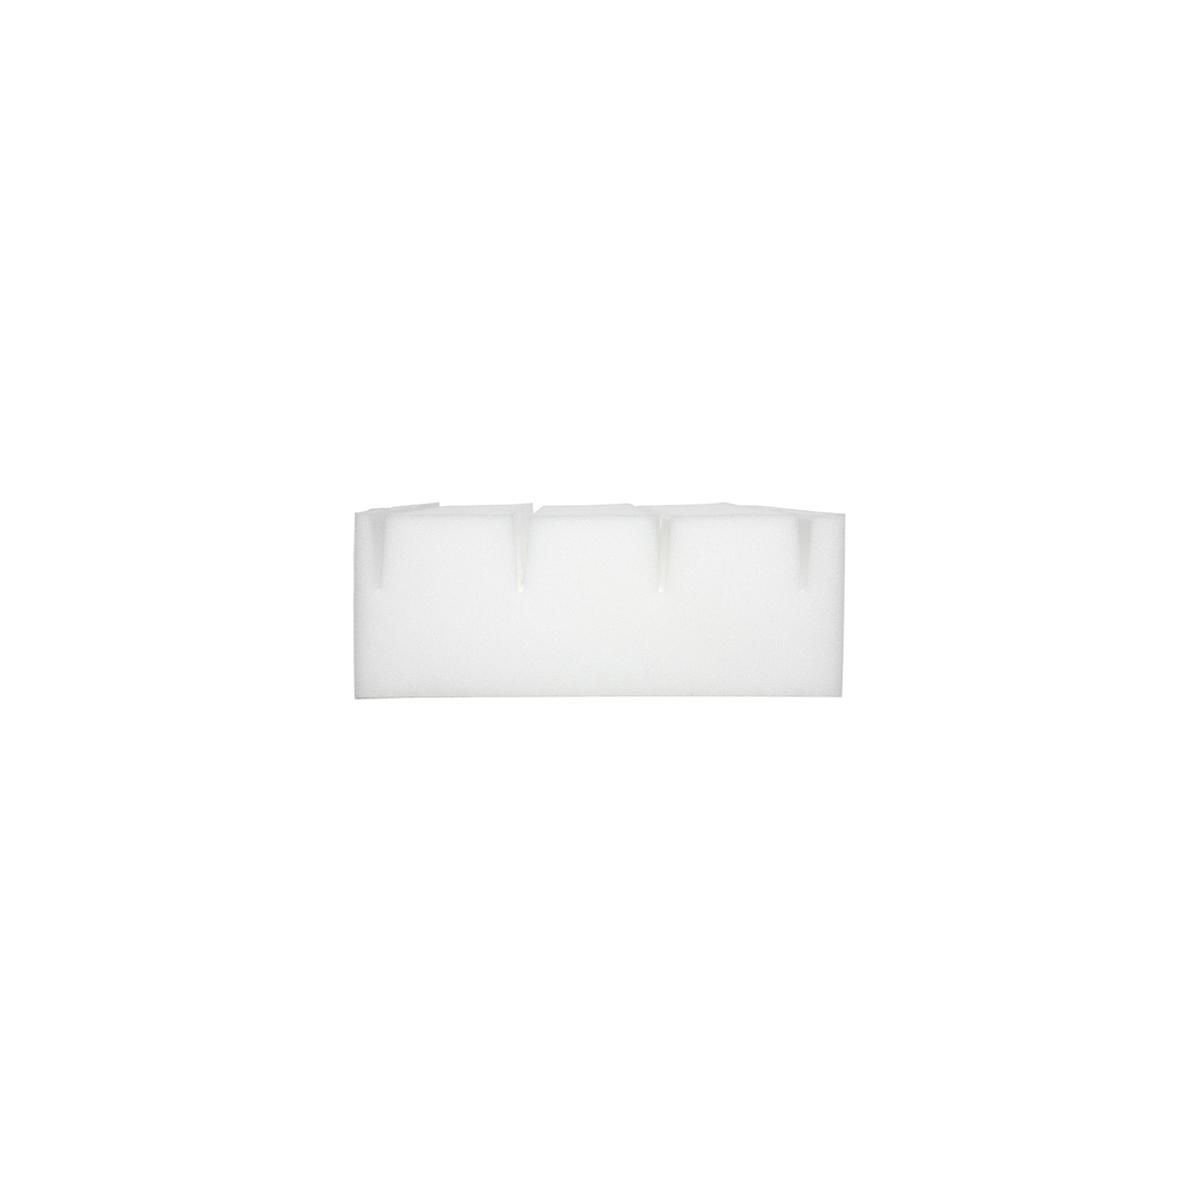 Colchón espuma con funda 190x90 Flexa crema